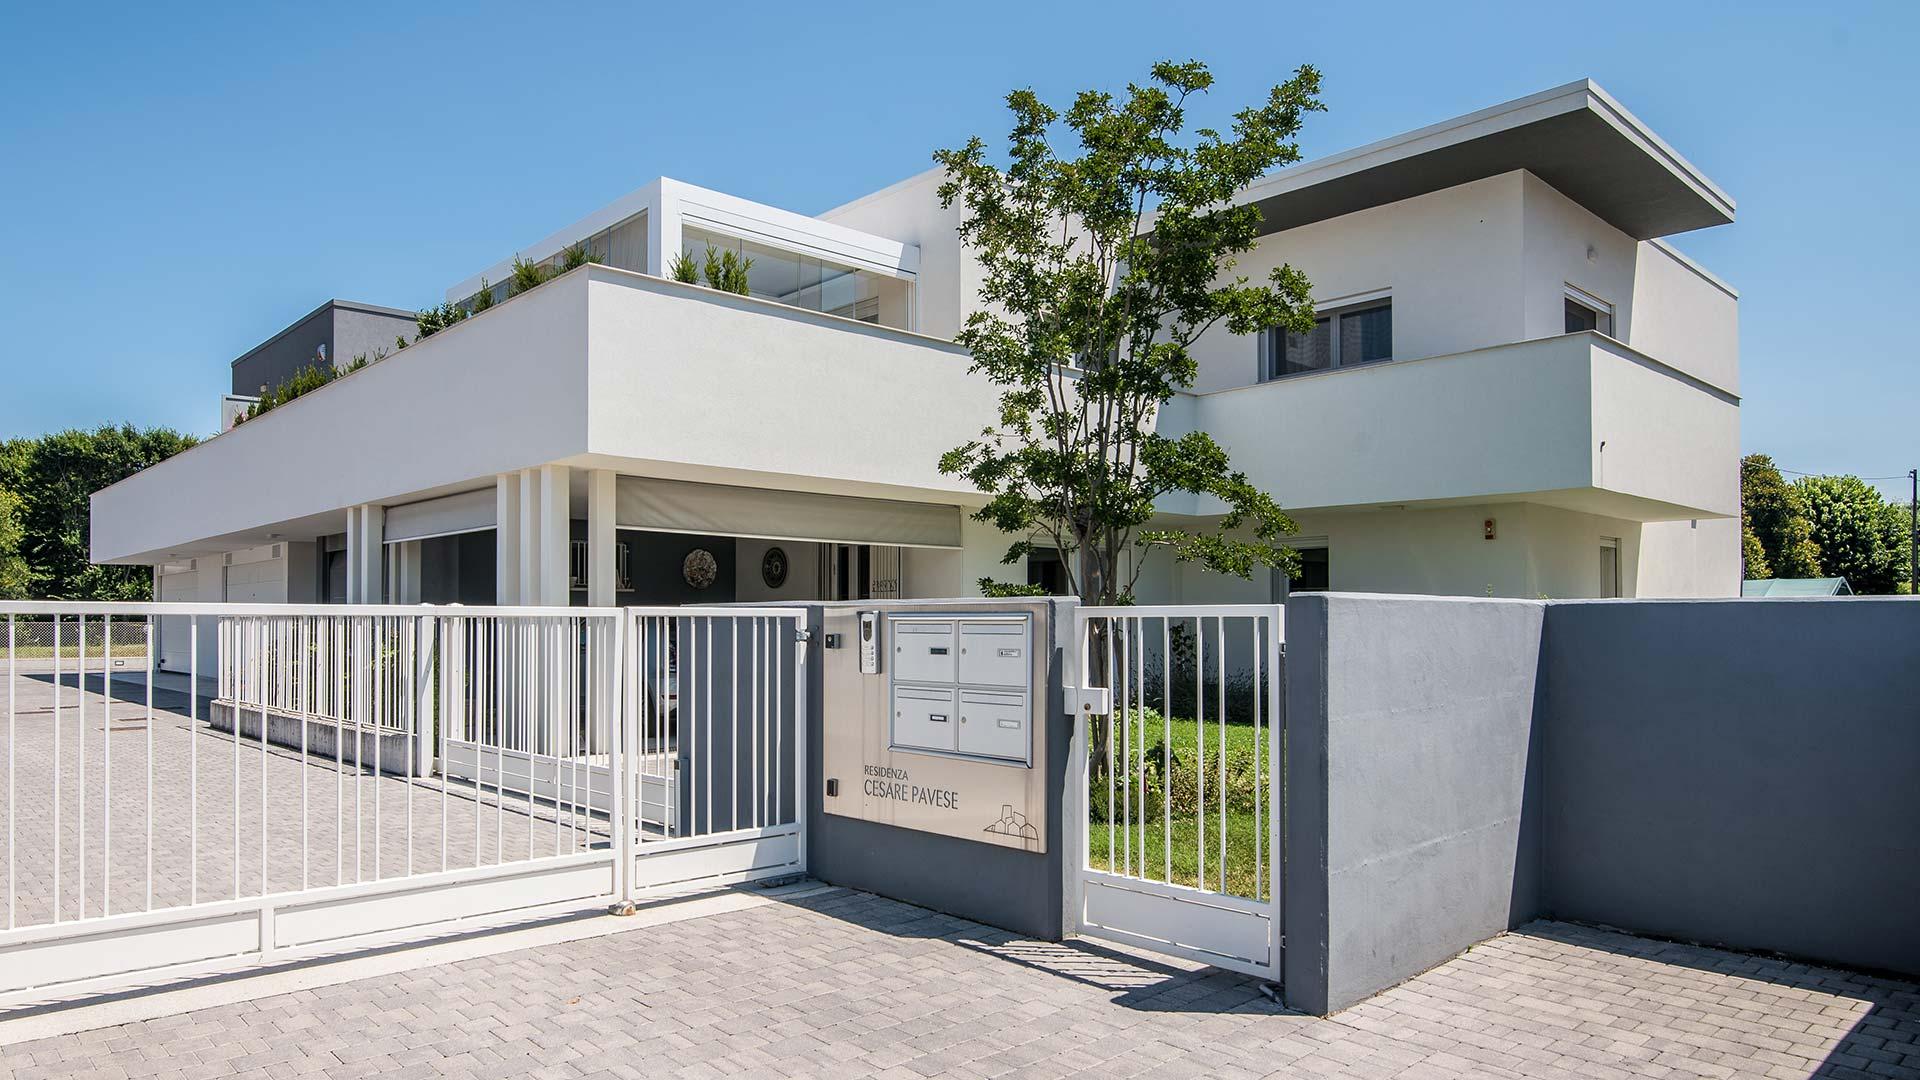 Costruzione Case Classe A4 Vigodarzere Residenza Cesare Pavese Esterno, Fam Real Estate